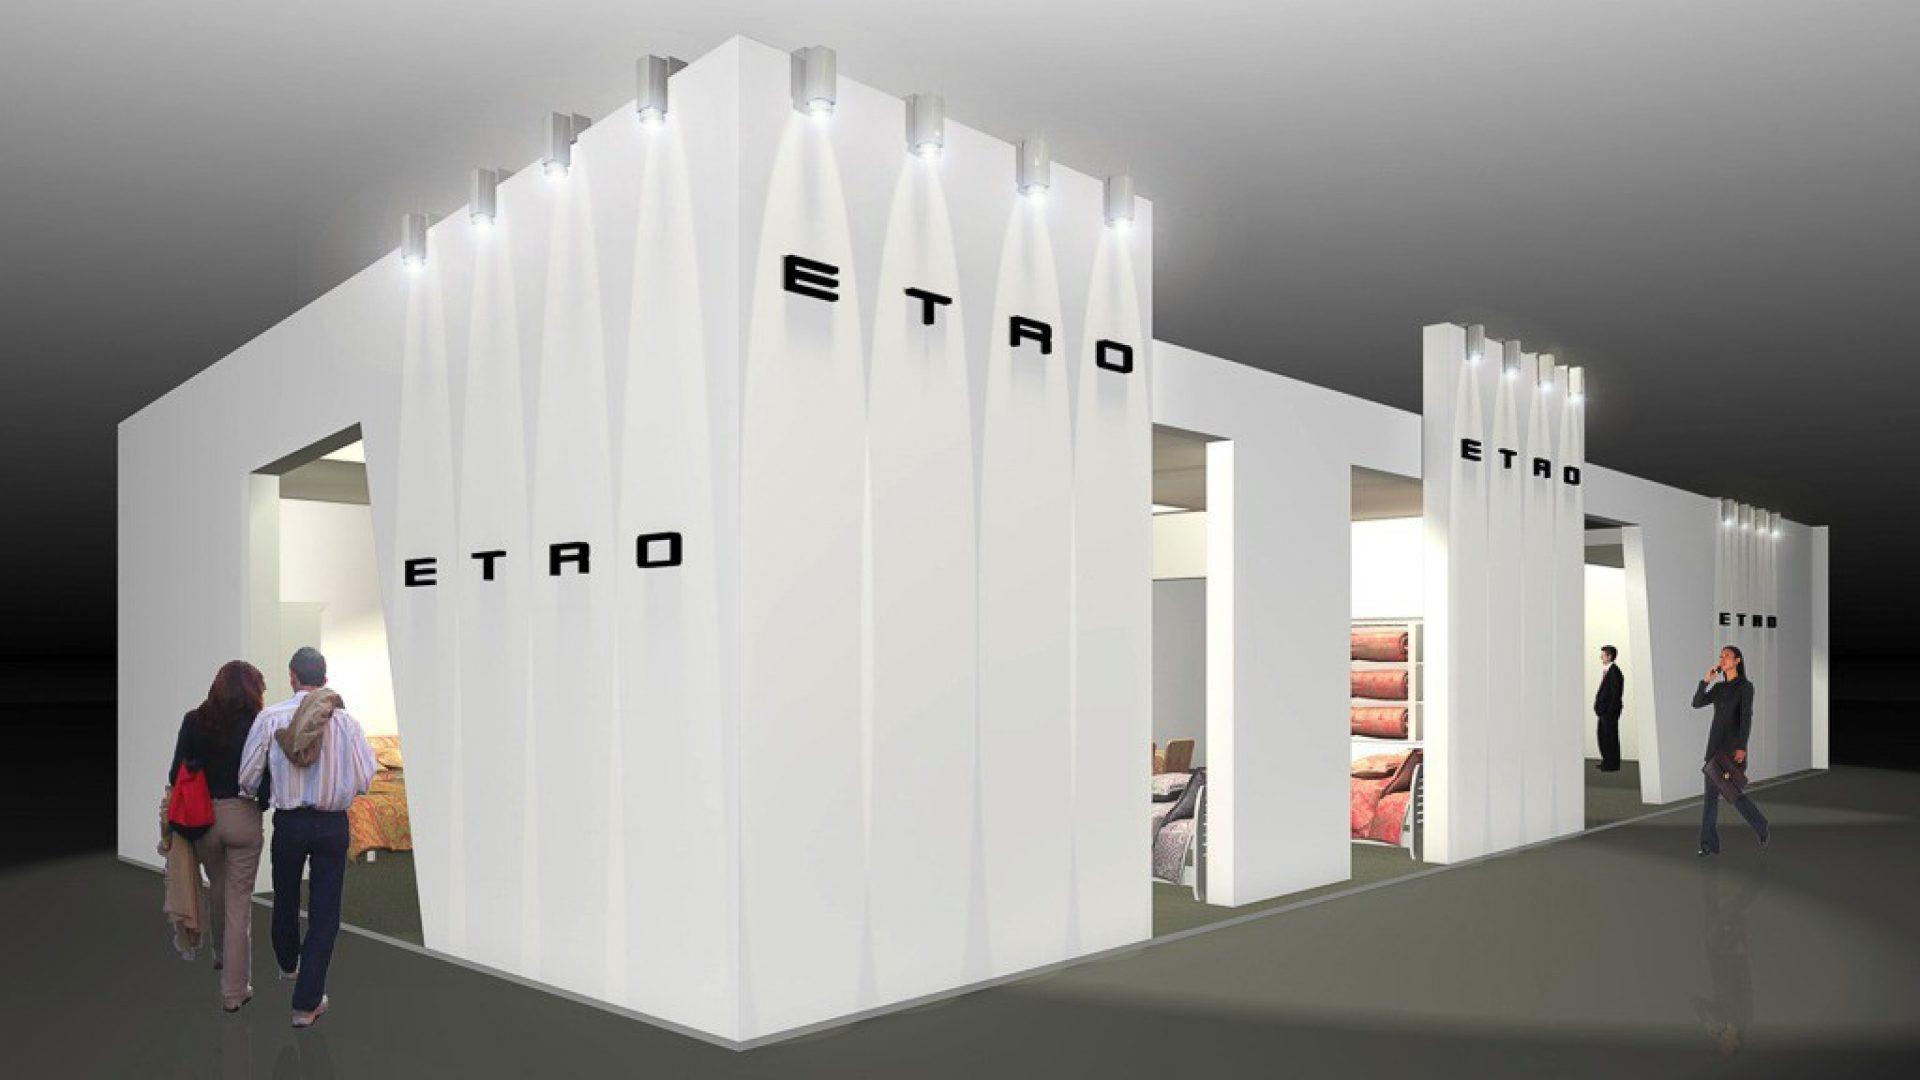 Etro - Progettazione e realizzazione per la divisione Home Decor dello storico brand italiano   - by Artes Group International